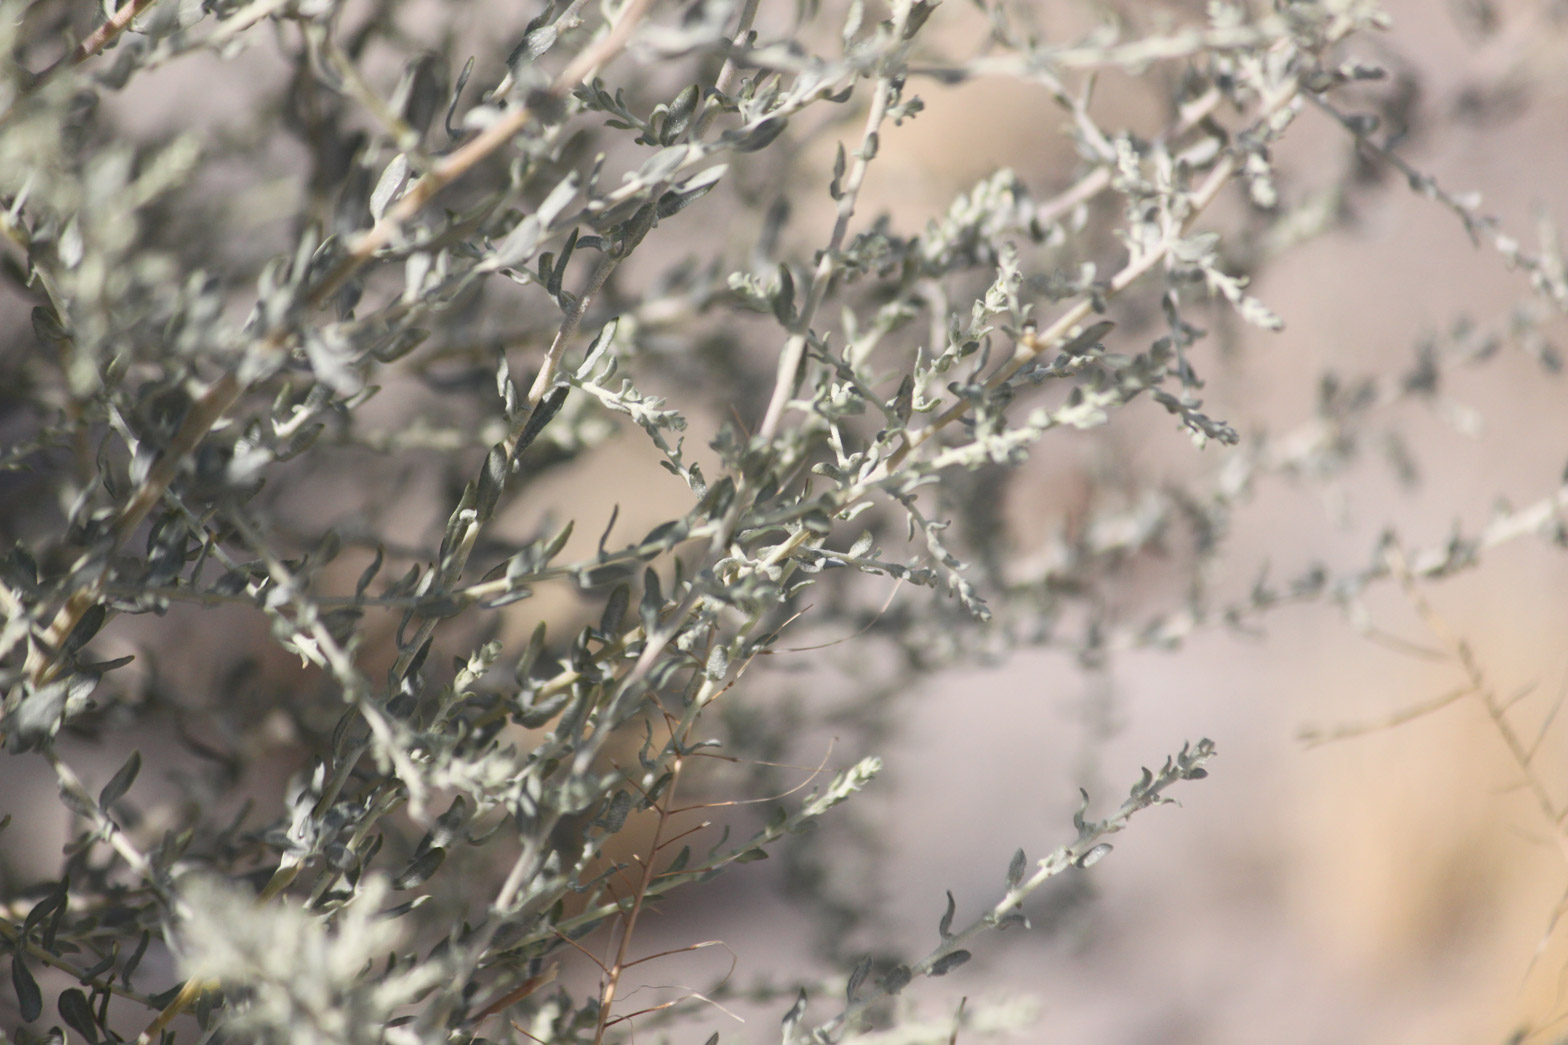 The gray branches of the Desert Salt Bush.